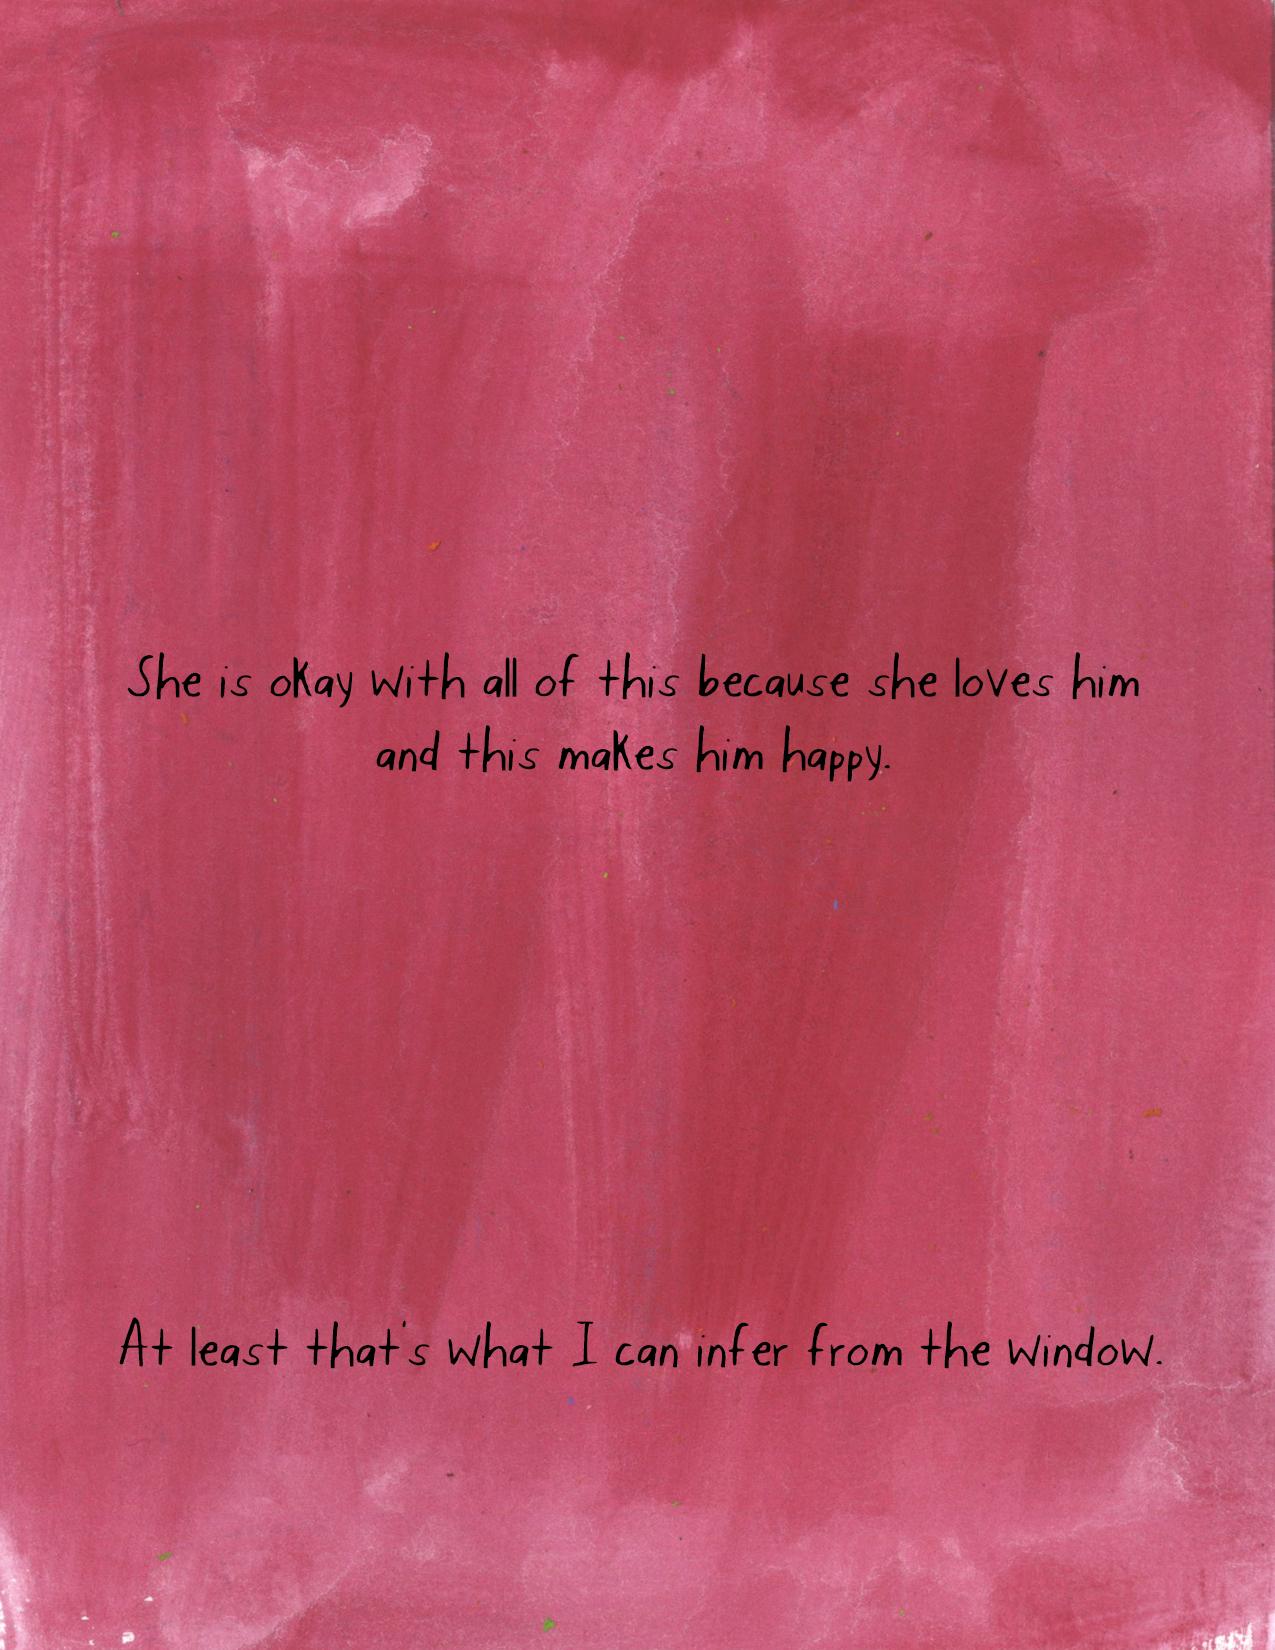 Rear Window (Pt. 1) - Page 1